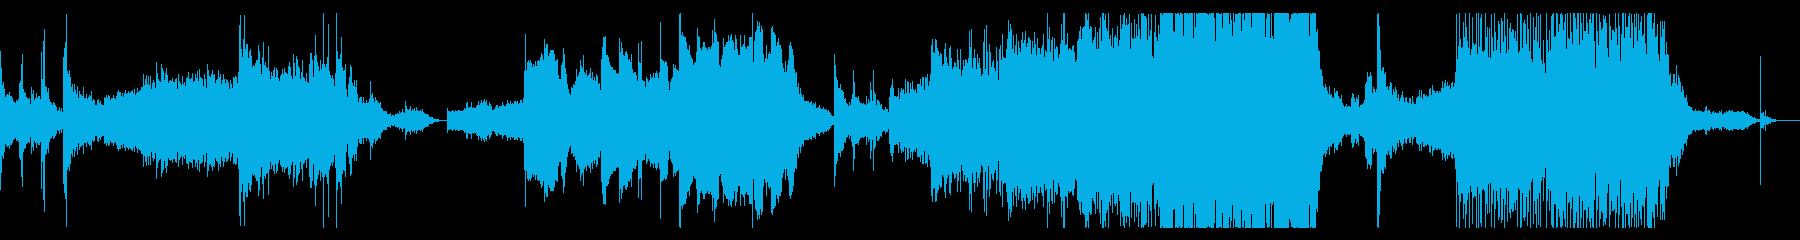 ゲームの最終ボス戦風なド派手BGMの再生済みの波形